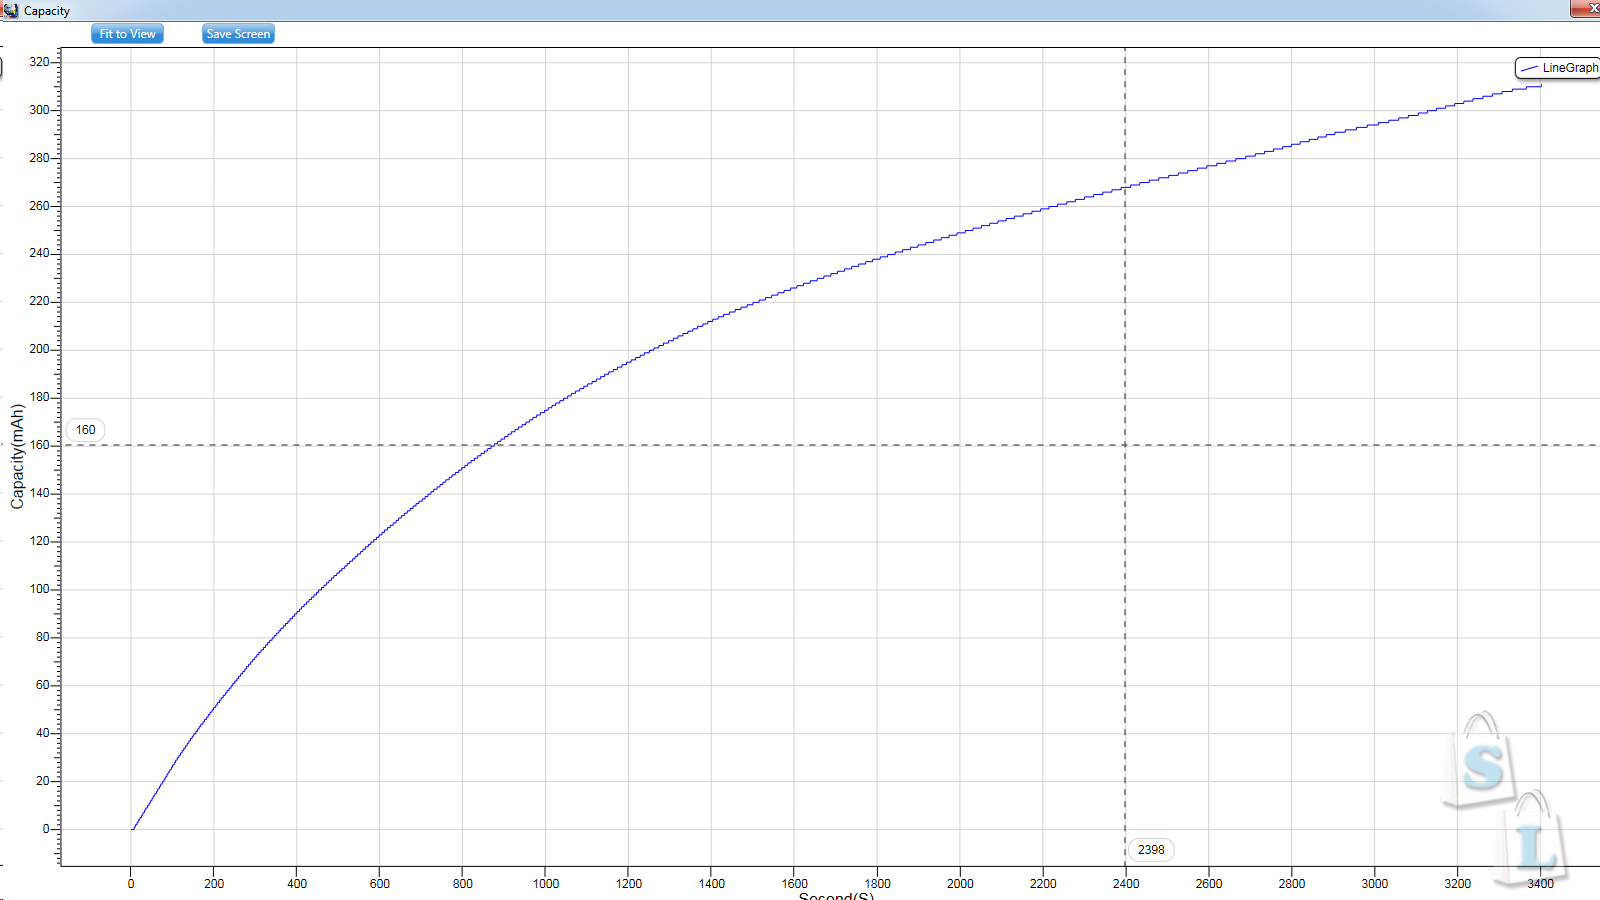 Aliexpress: Обзор и тестирование Li-ion аккумуляторов 18650 Ultrafire 4200 mAh - определение реальной емкости